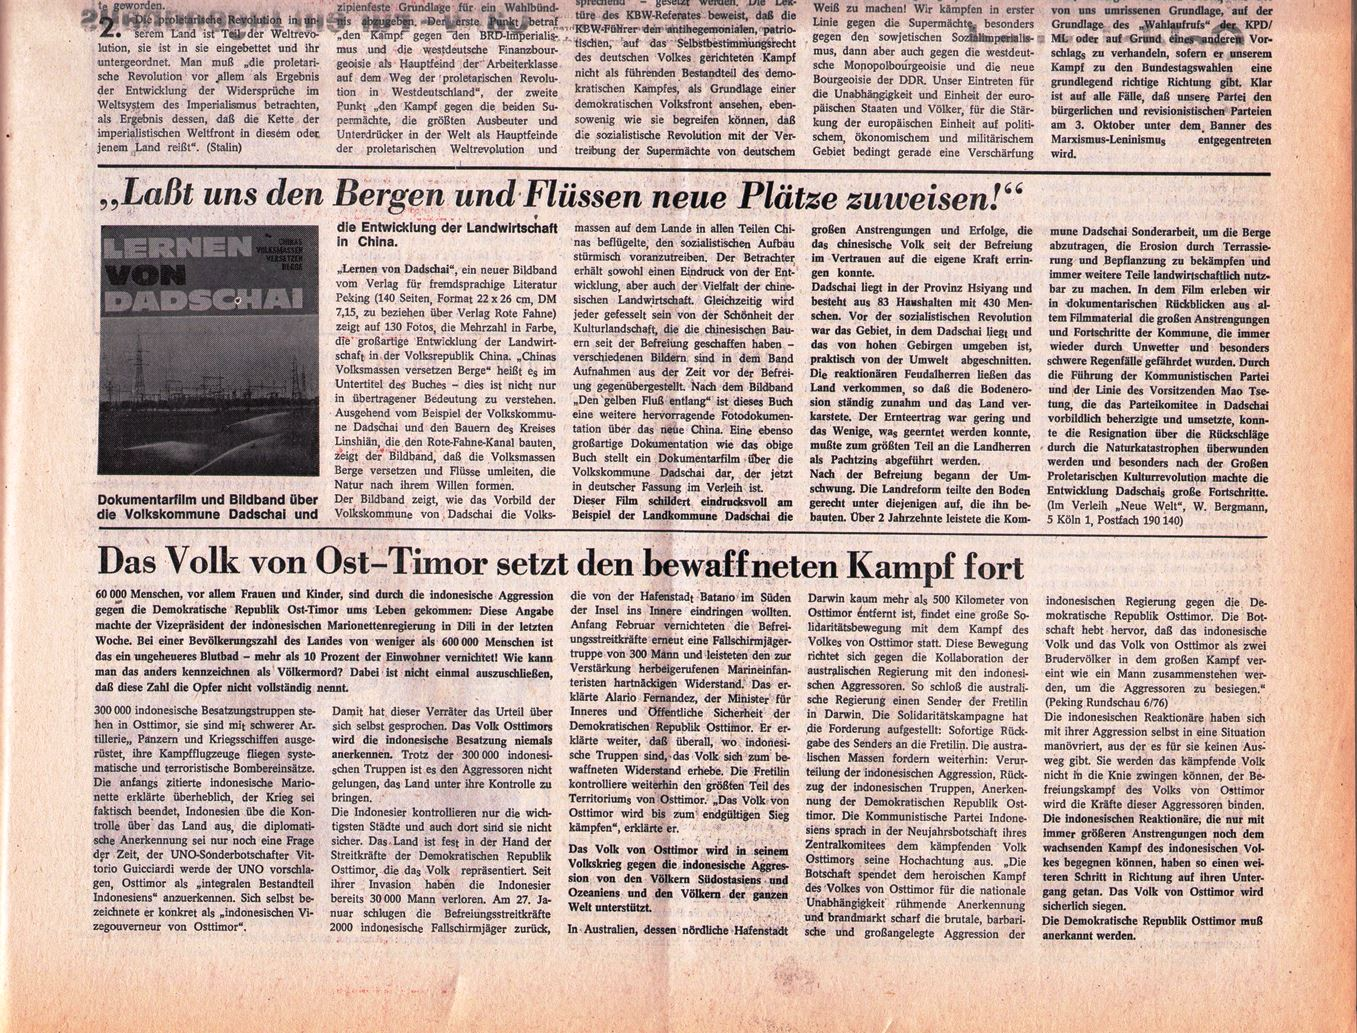 KPD_Rote_Fahne_1976_09_14